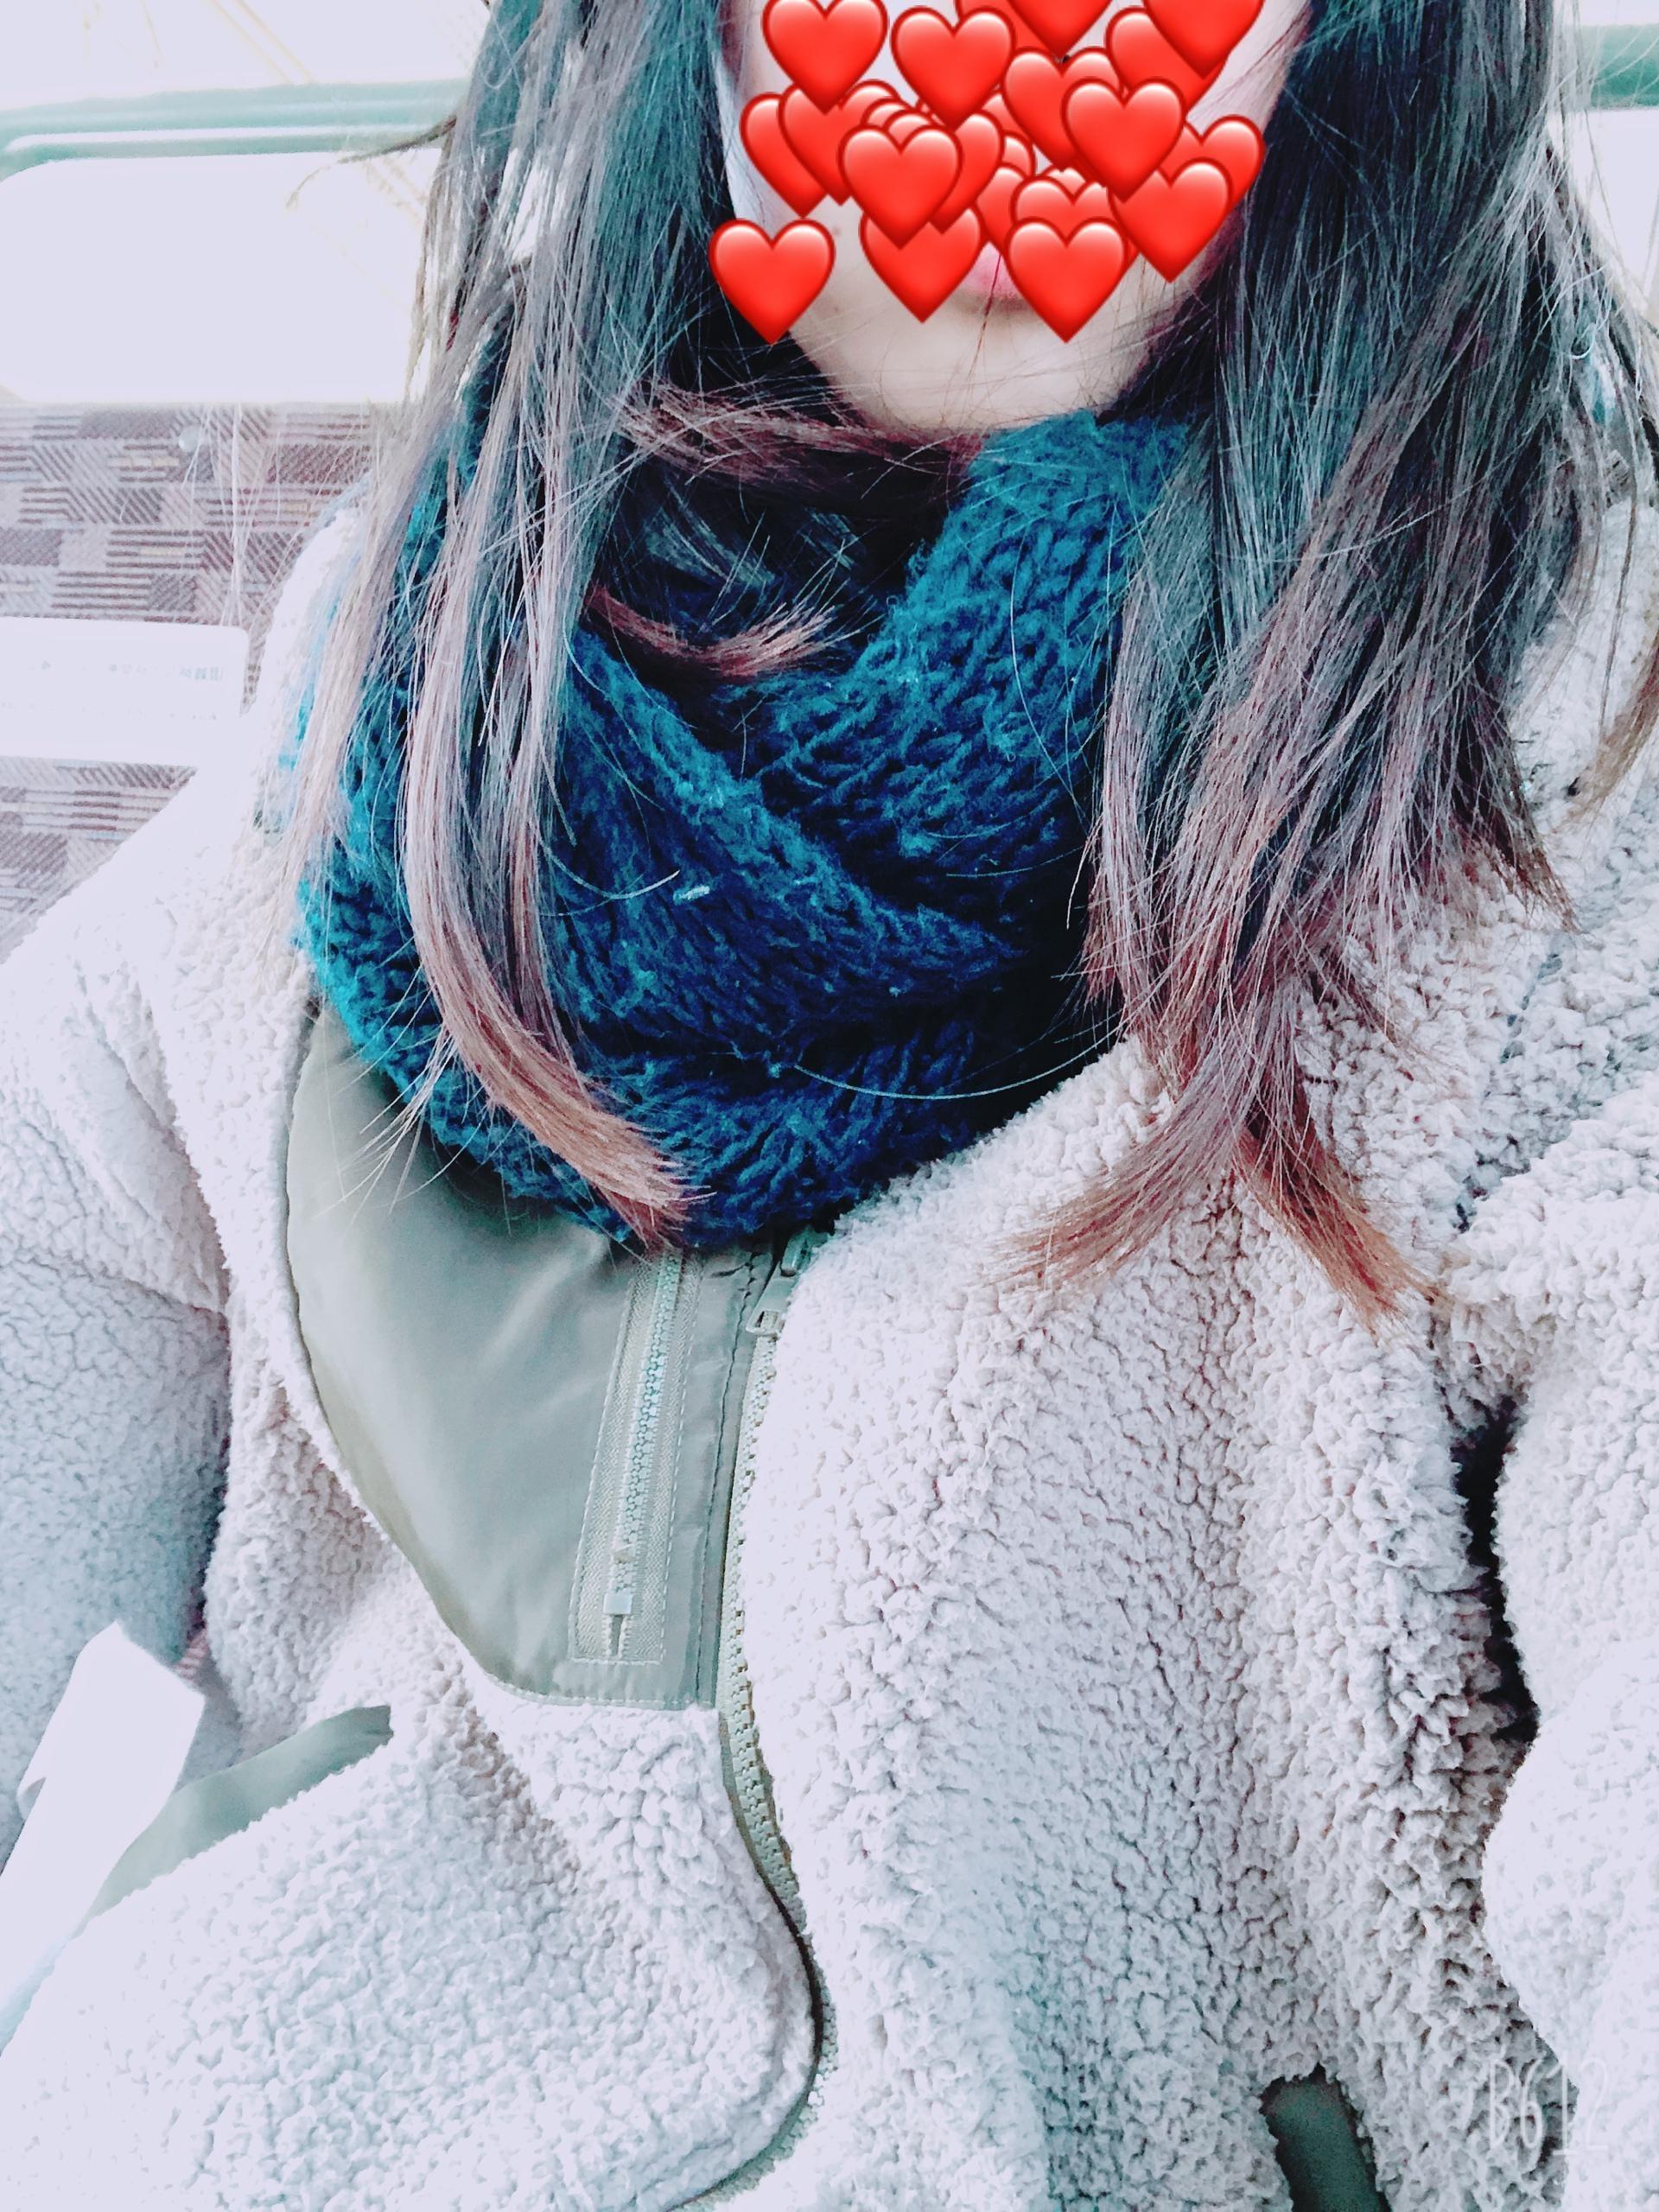 「さっきお礼♡」01/18(01/18) 14:31 | すずさんの写メ・風俗動画